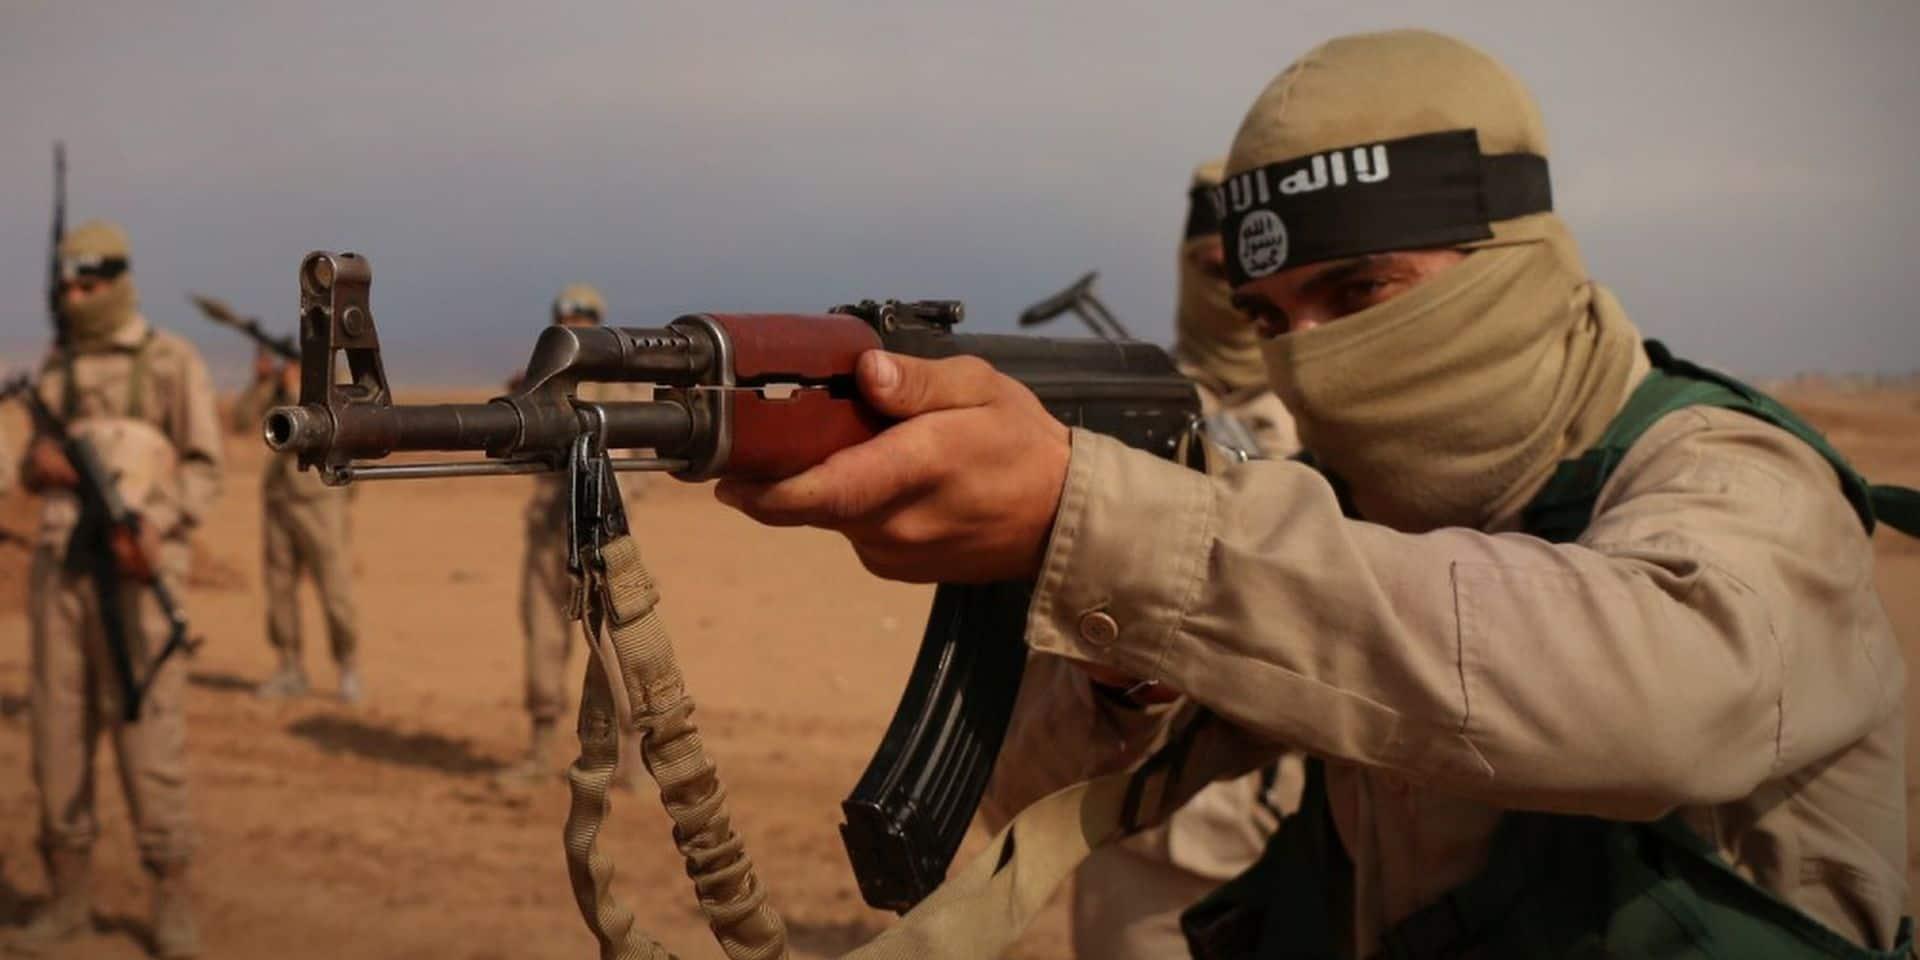 Selon un rapport américain, l'Etat islamique pourrait préparer de nouveaux attentats en Occident